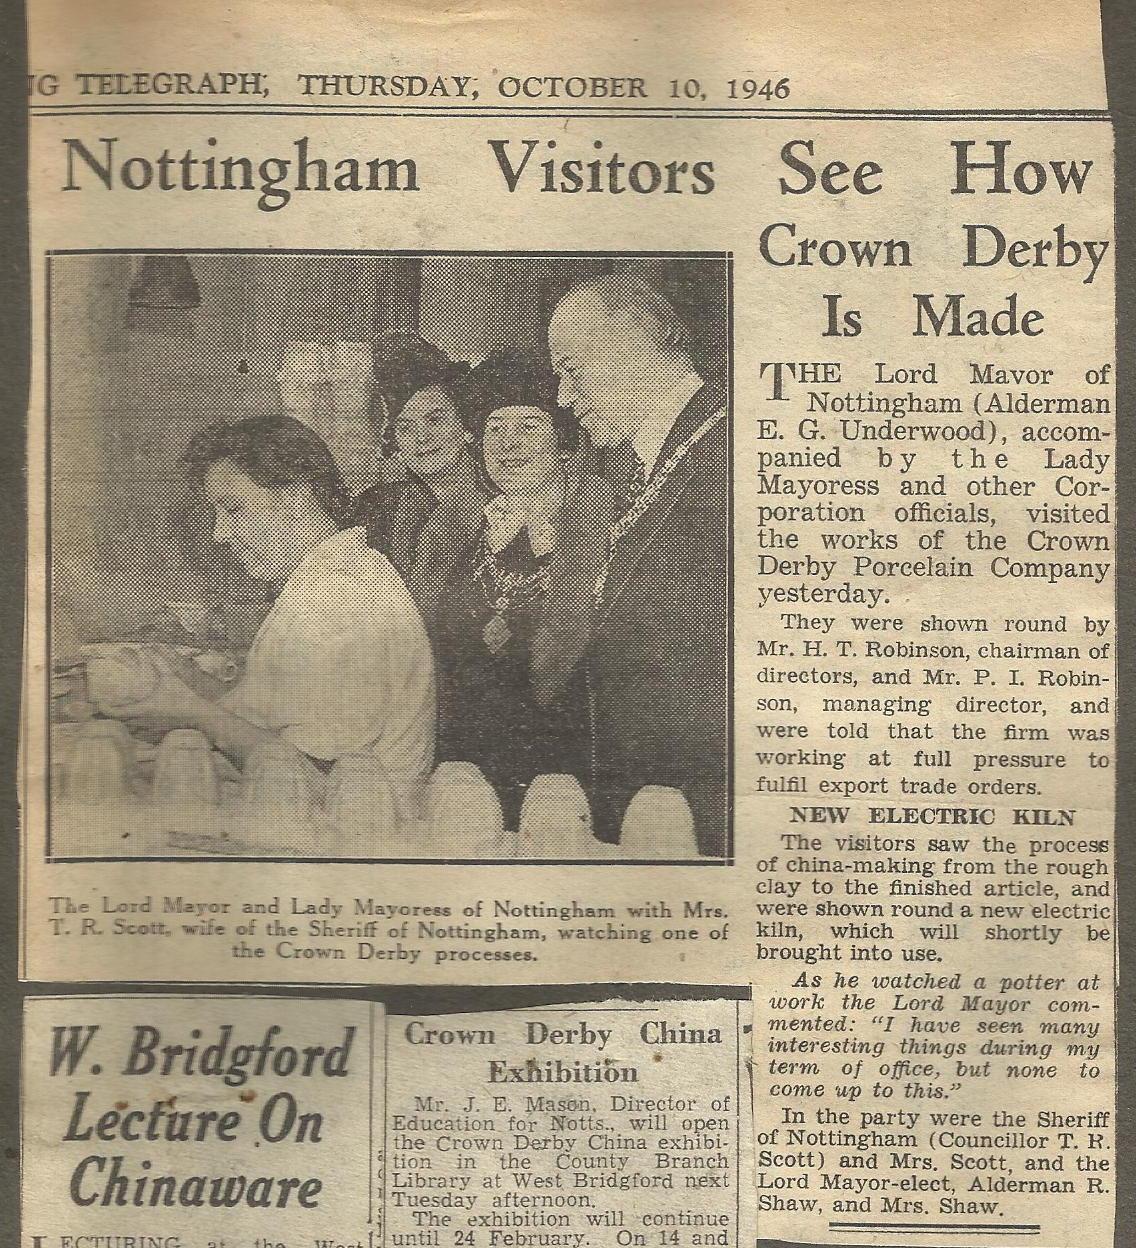 royal-crown-derby-mayor-of-nottingham-visit-1946